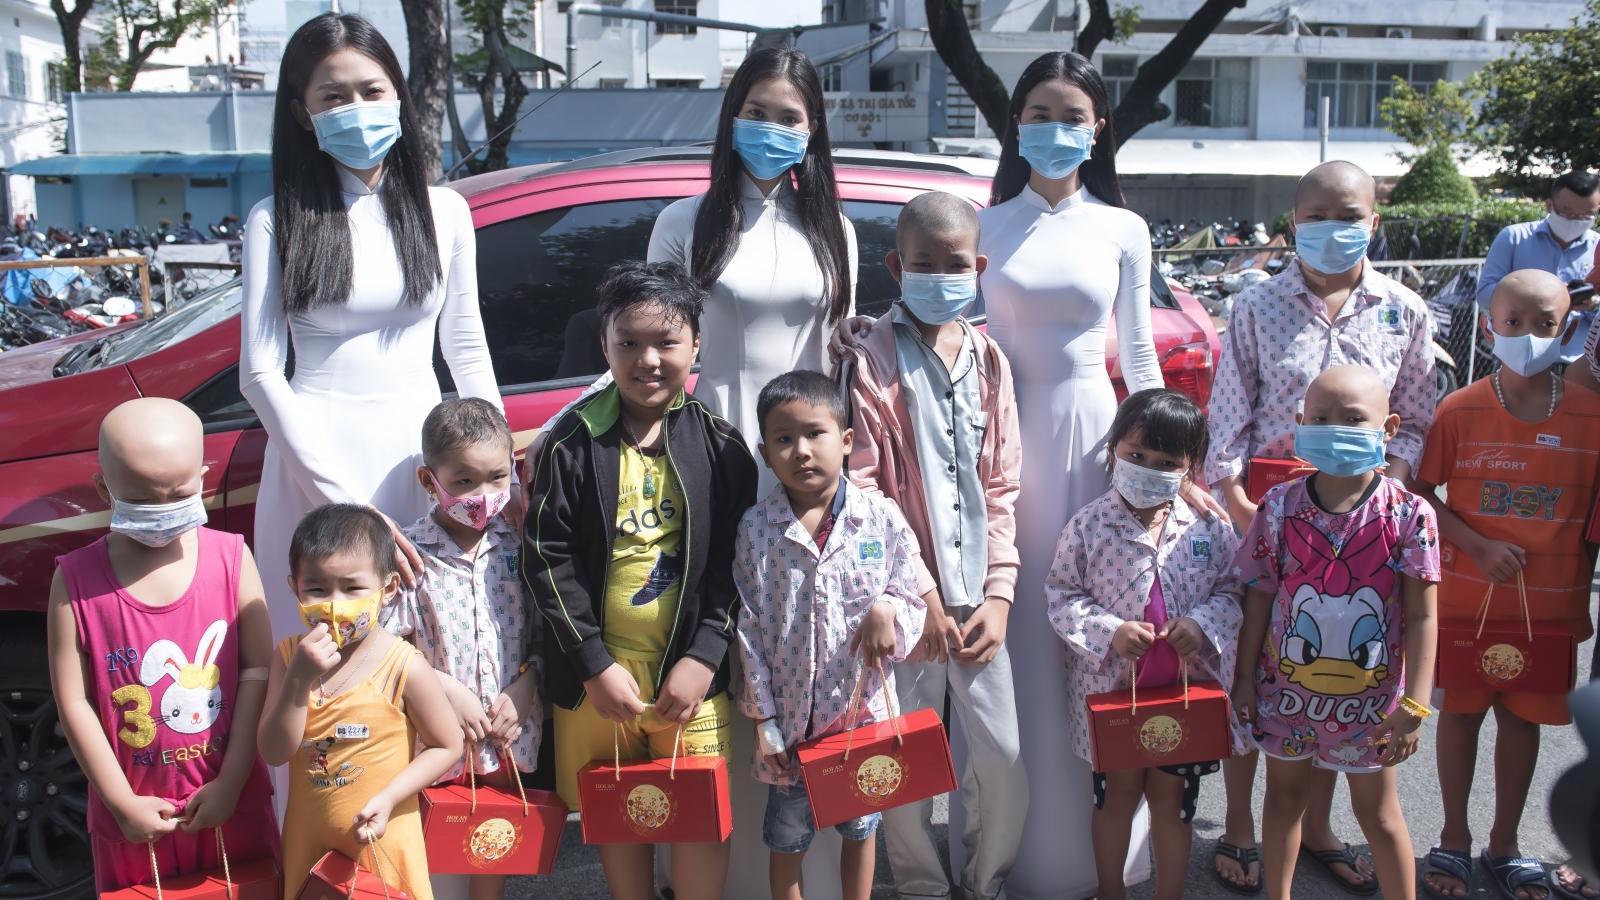 Hoa hậu Tiểu Vy, Phương Nga tặng quà trung thu cho các em nhỏ tại Bệnh viện Ung Bướu